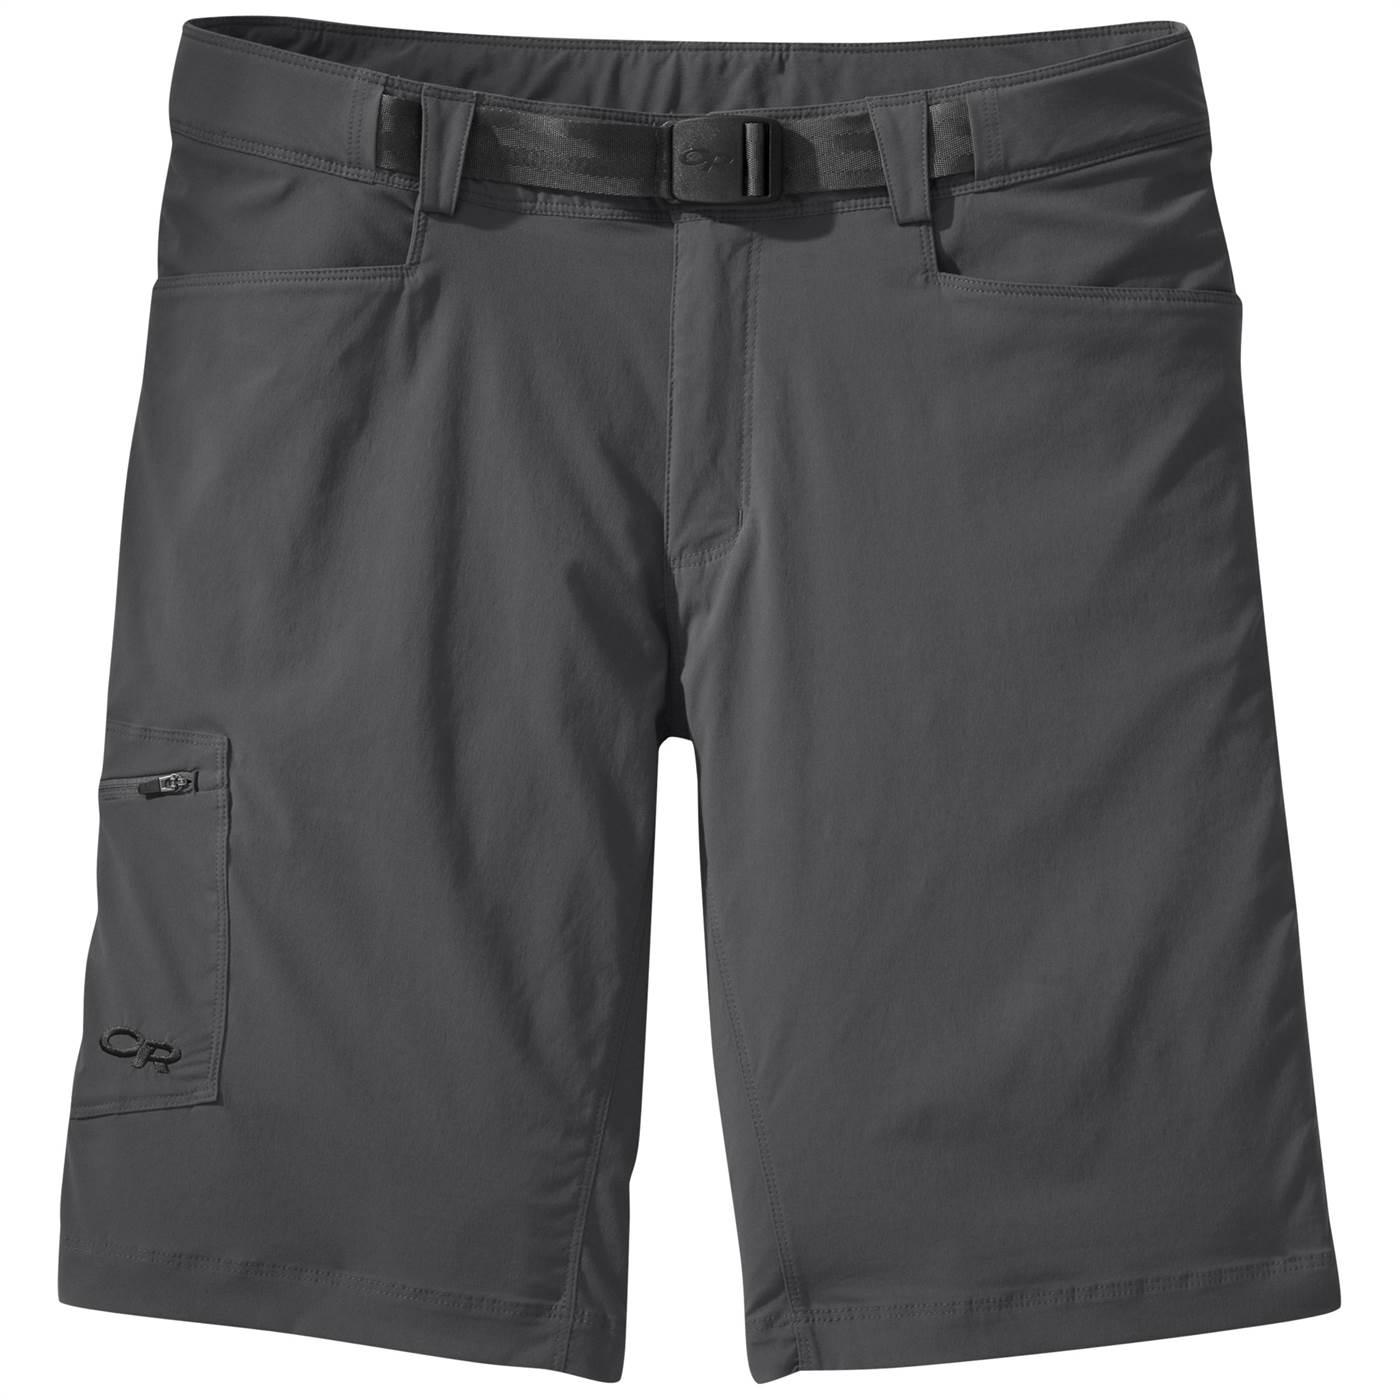 Equinox Shorts - Men's